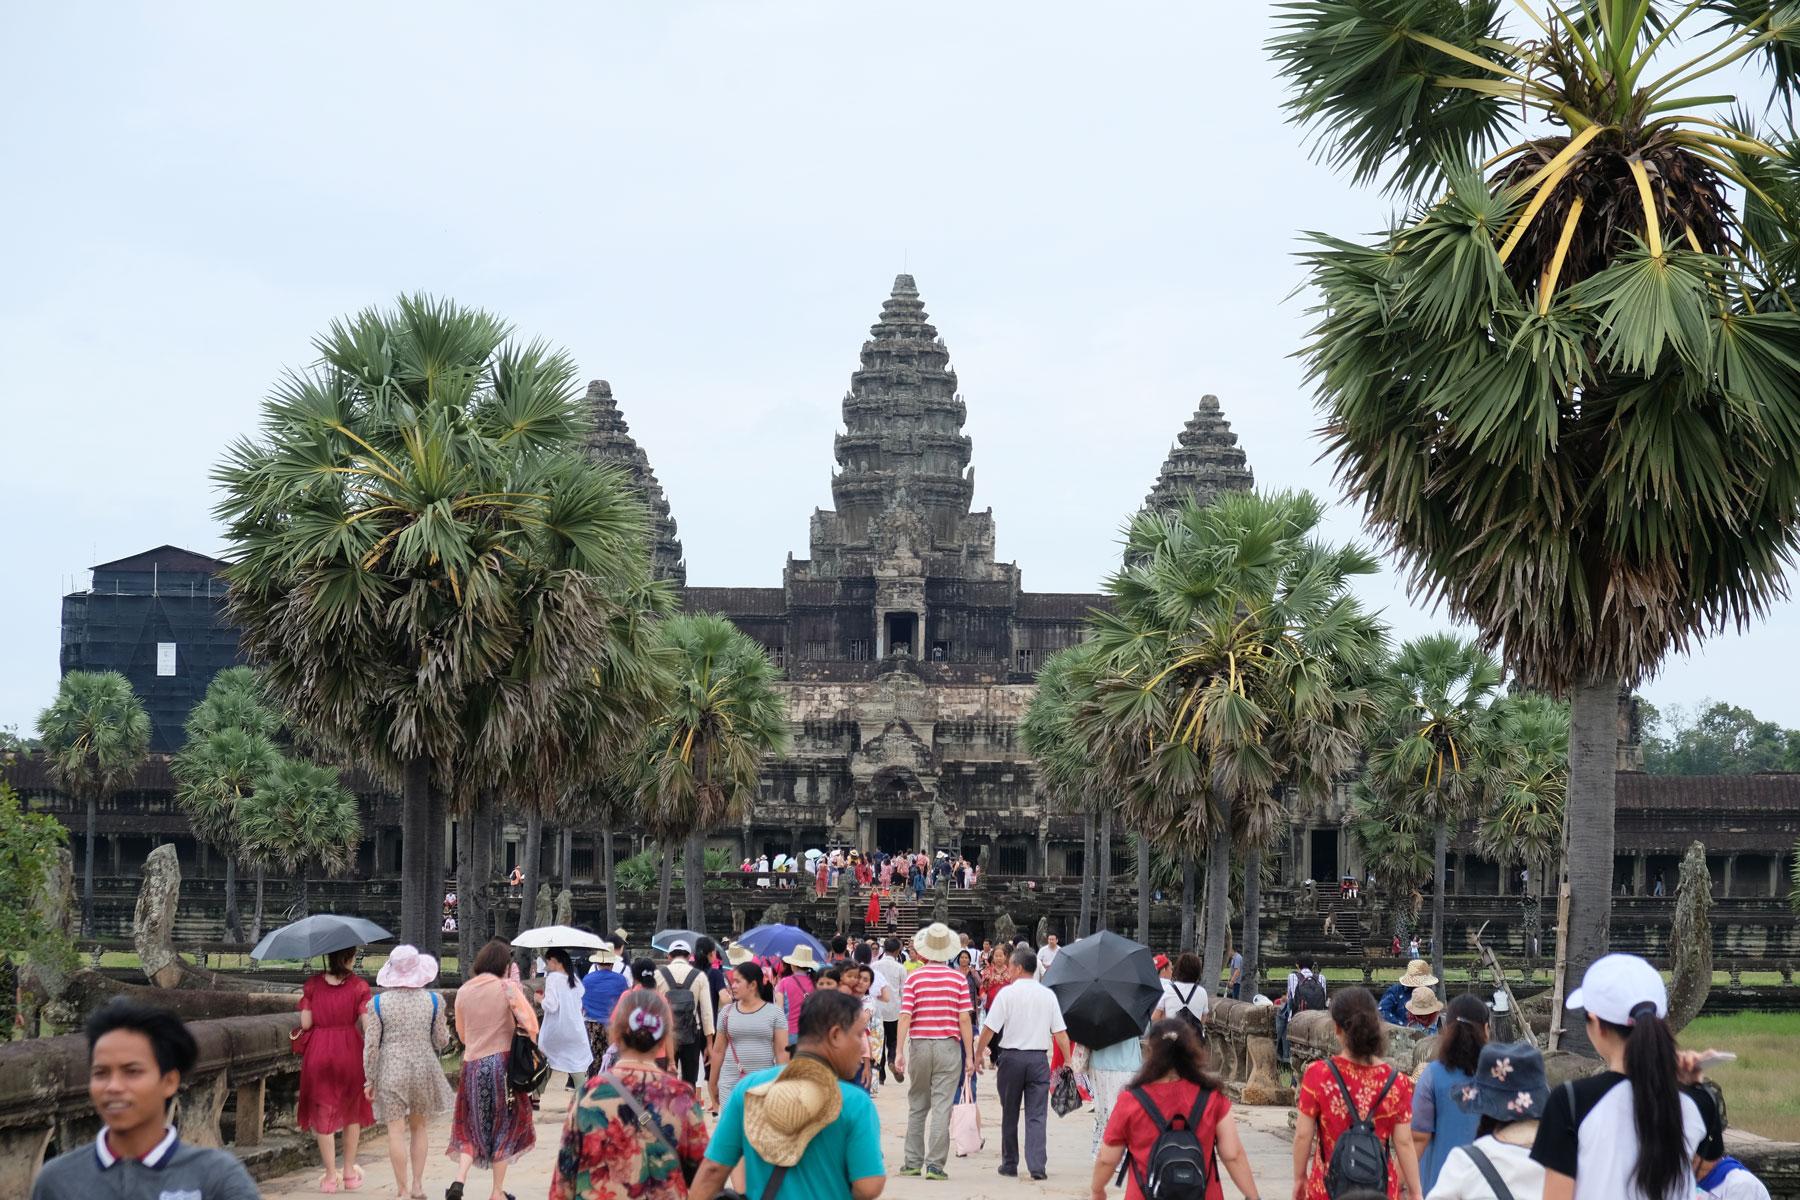 Besuchermassen strömen auf den Haupteingang von Angkor Wat zu